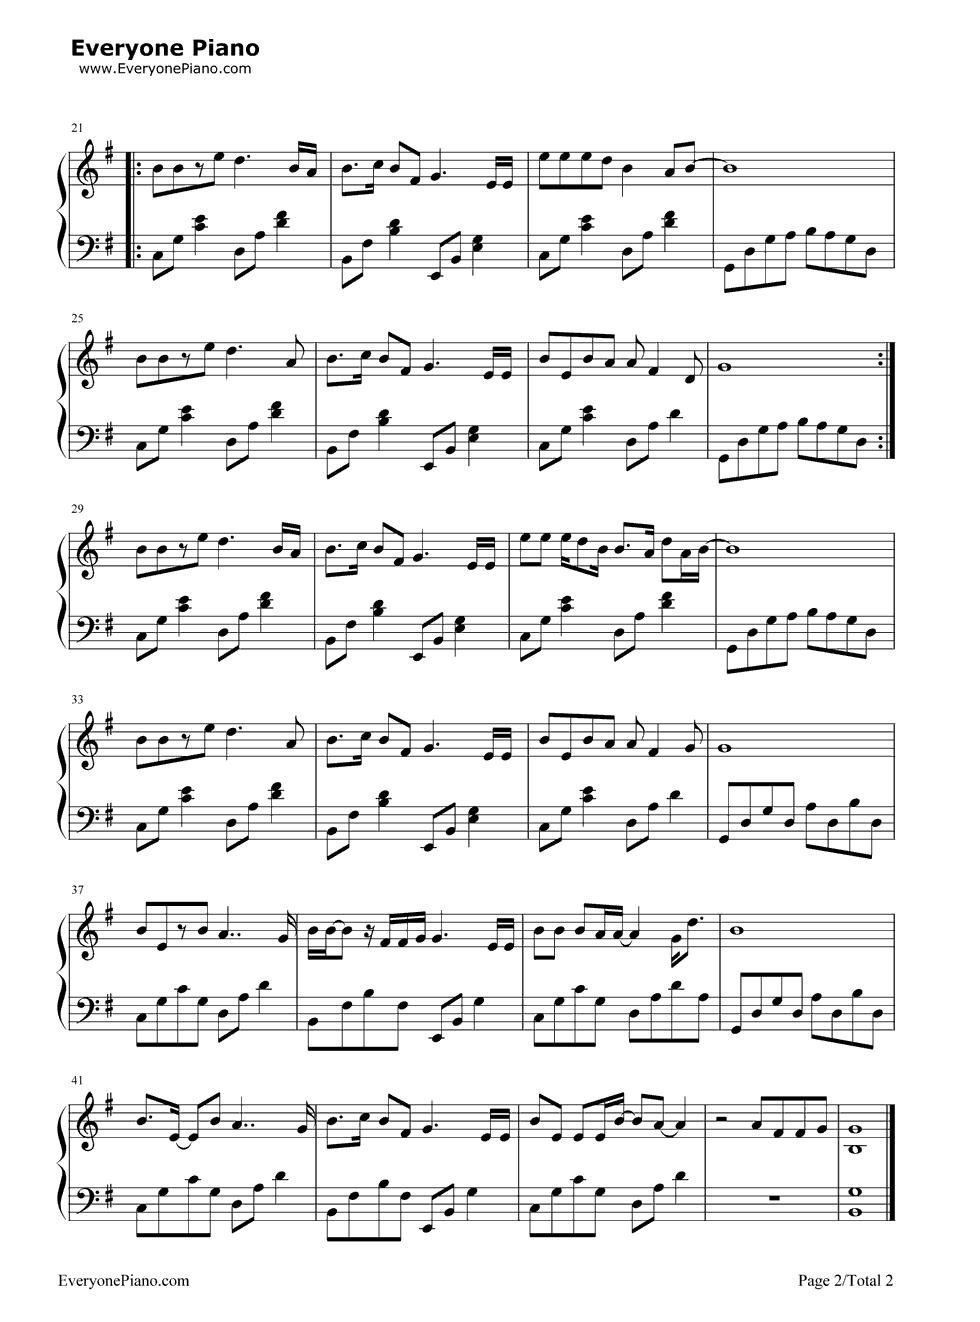 斑马斑马钢琴伴奏简谱_斑马斑马吉他谱_歌谱网歌谱简谱网歌谱网诗